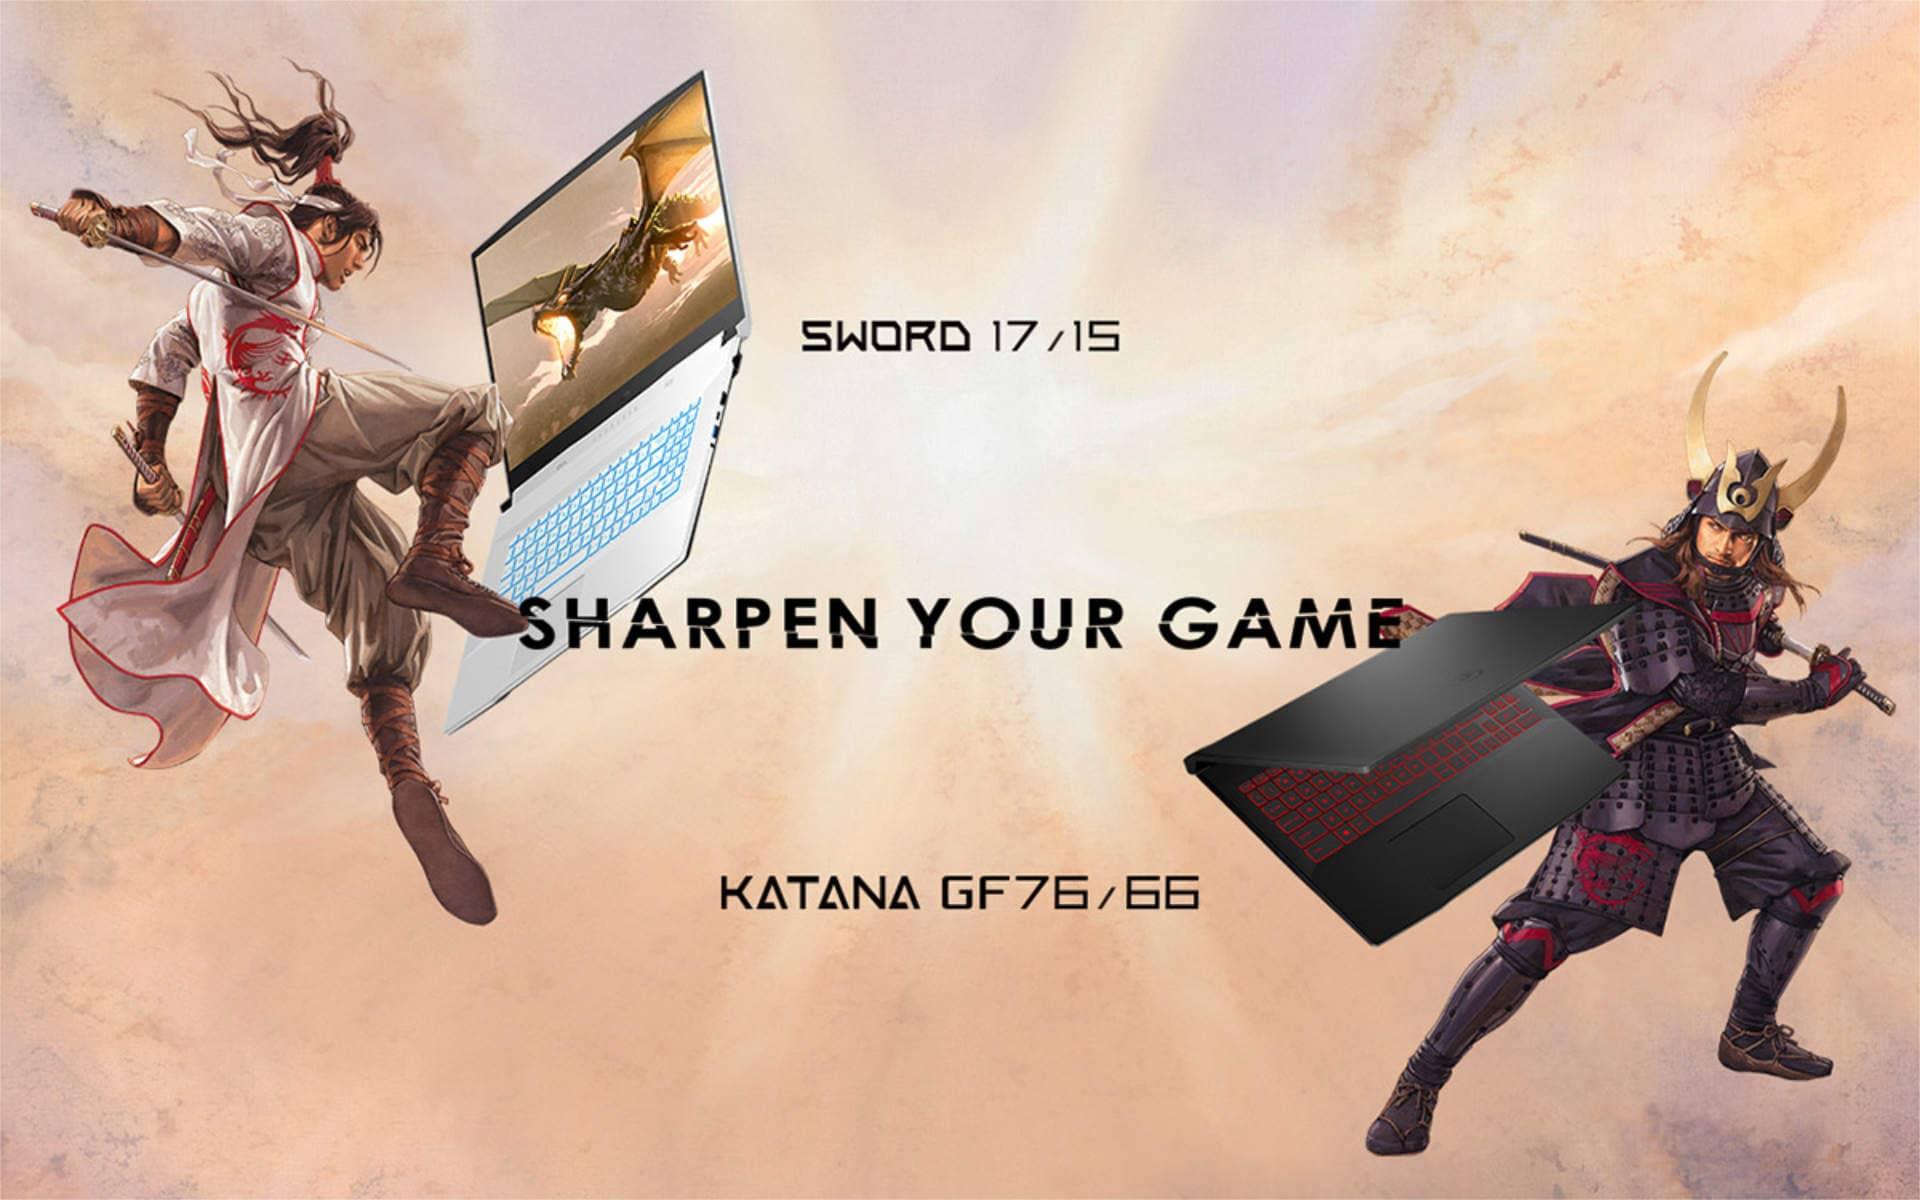 Игровые ноутбуки MSI Katana и Sword разработаны Цуёси Нагано из Three Kingdoms